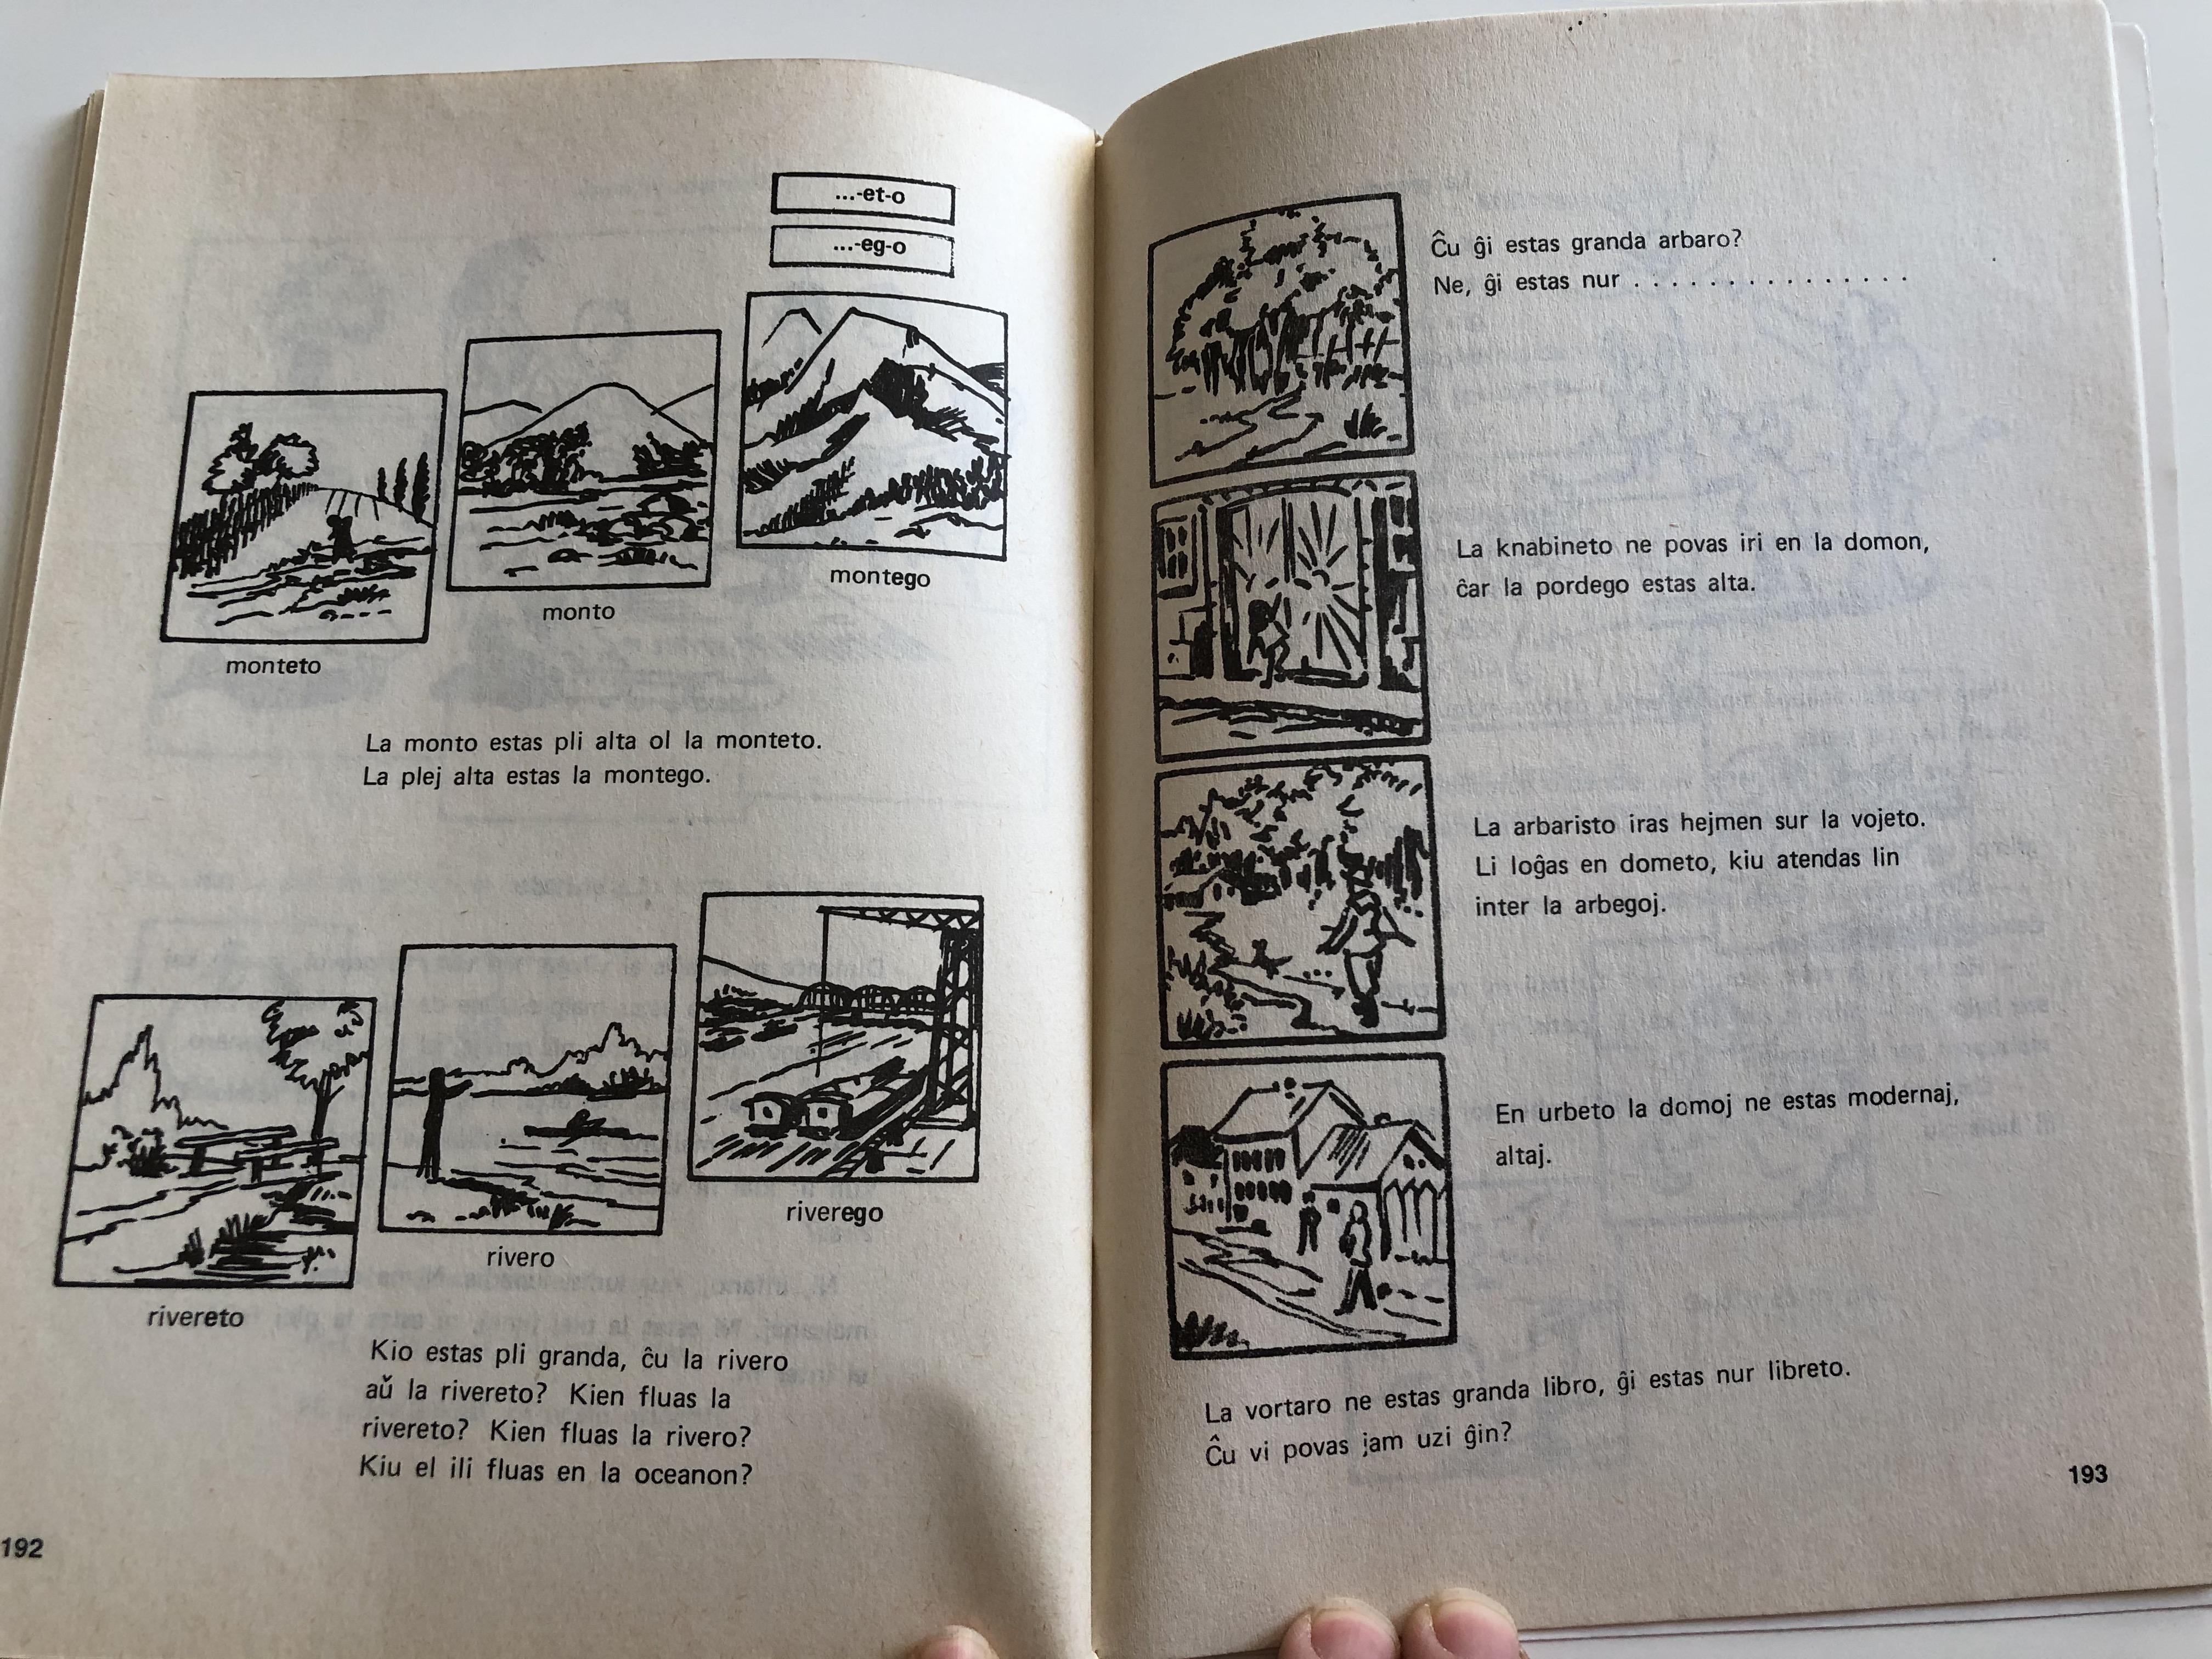 esperanto-por-ni-3-esperanto-for-us-by-helena-kaj-jozefo-mikul-s-esperanto-language-childrens-workbook-11-.jpg